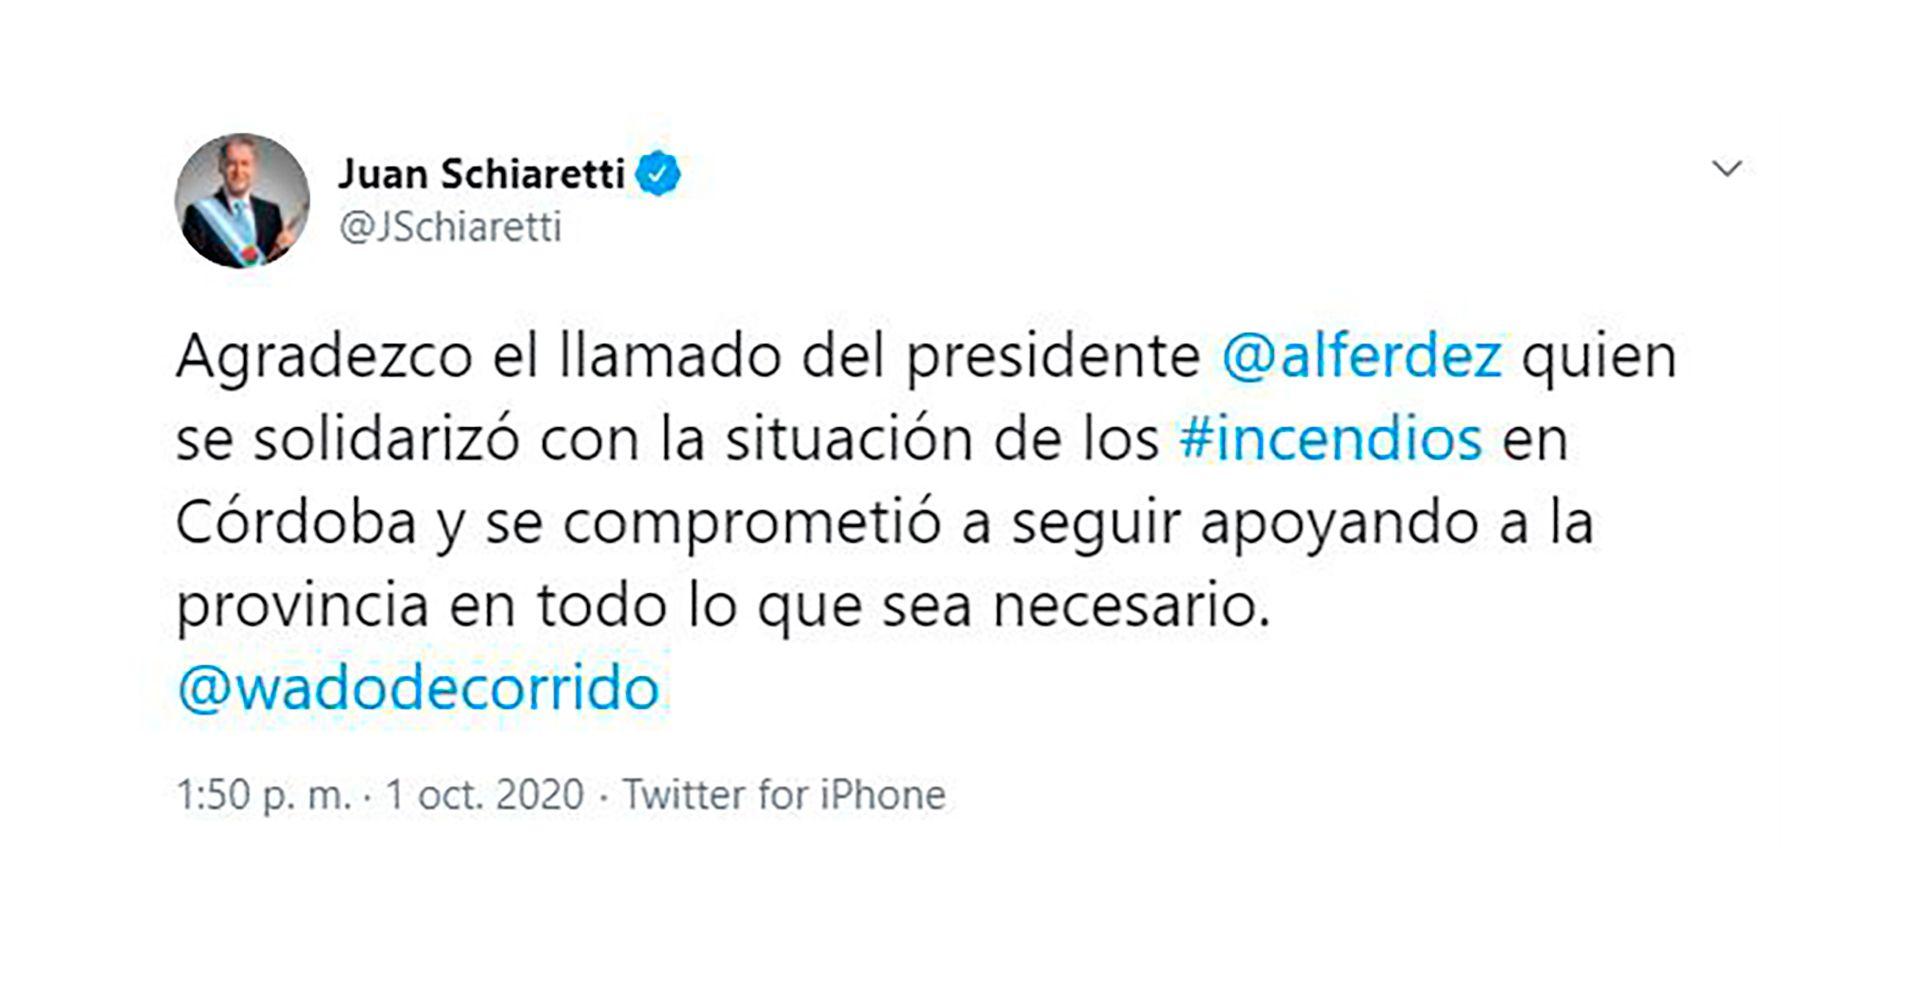 Tweet de Juan Schiaretti en Twitter